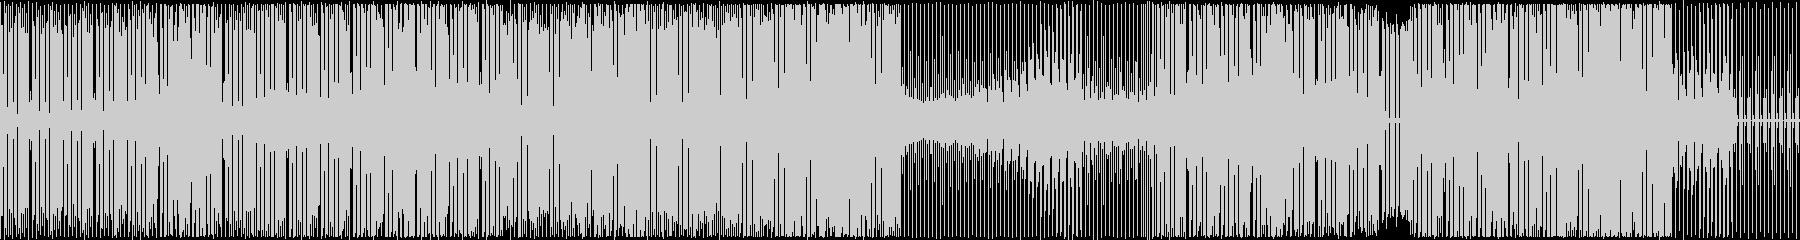 技術説明や解説BGM向きのテクノ音楽の未再生の波形